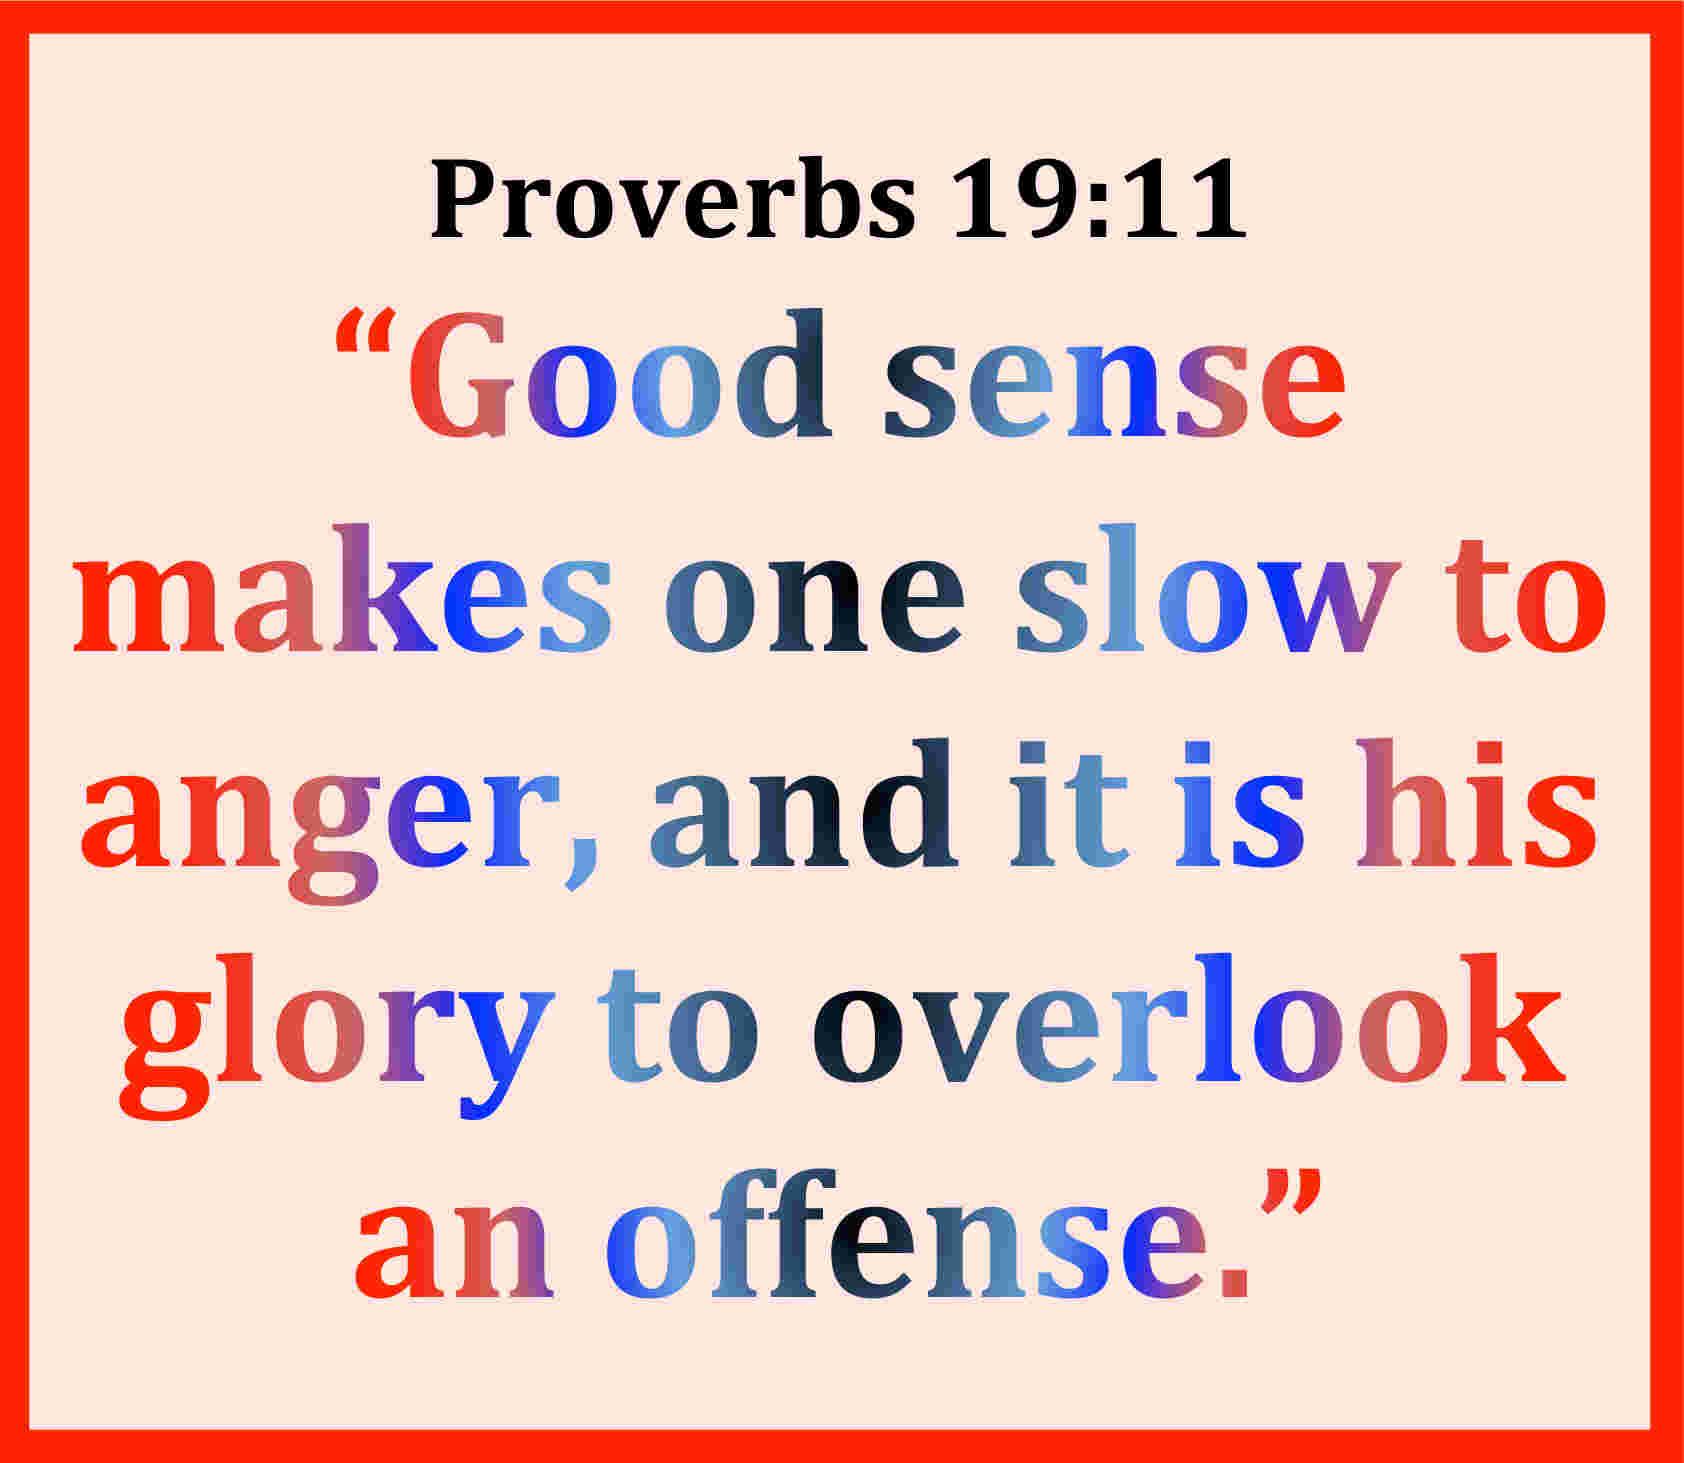 Scripture quote #2